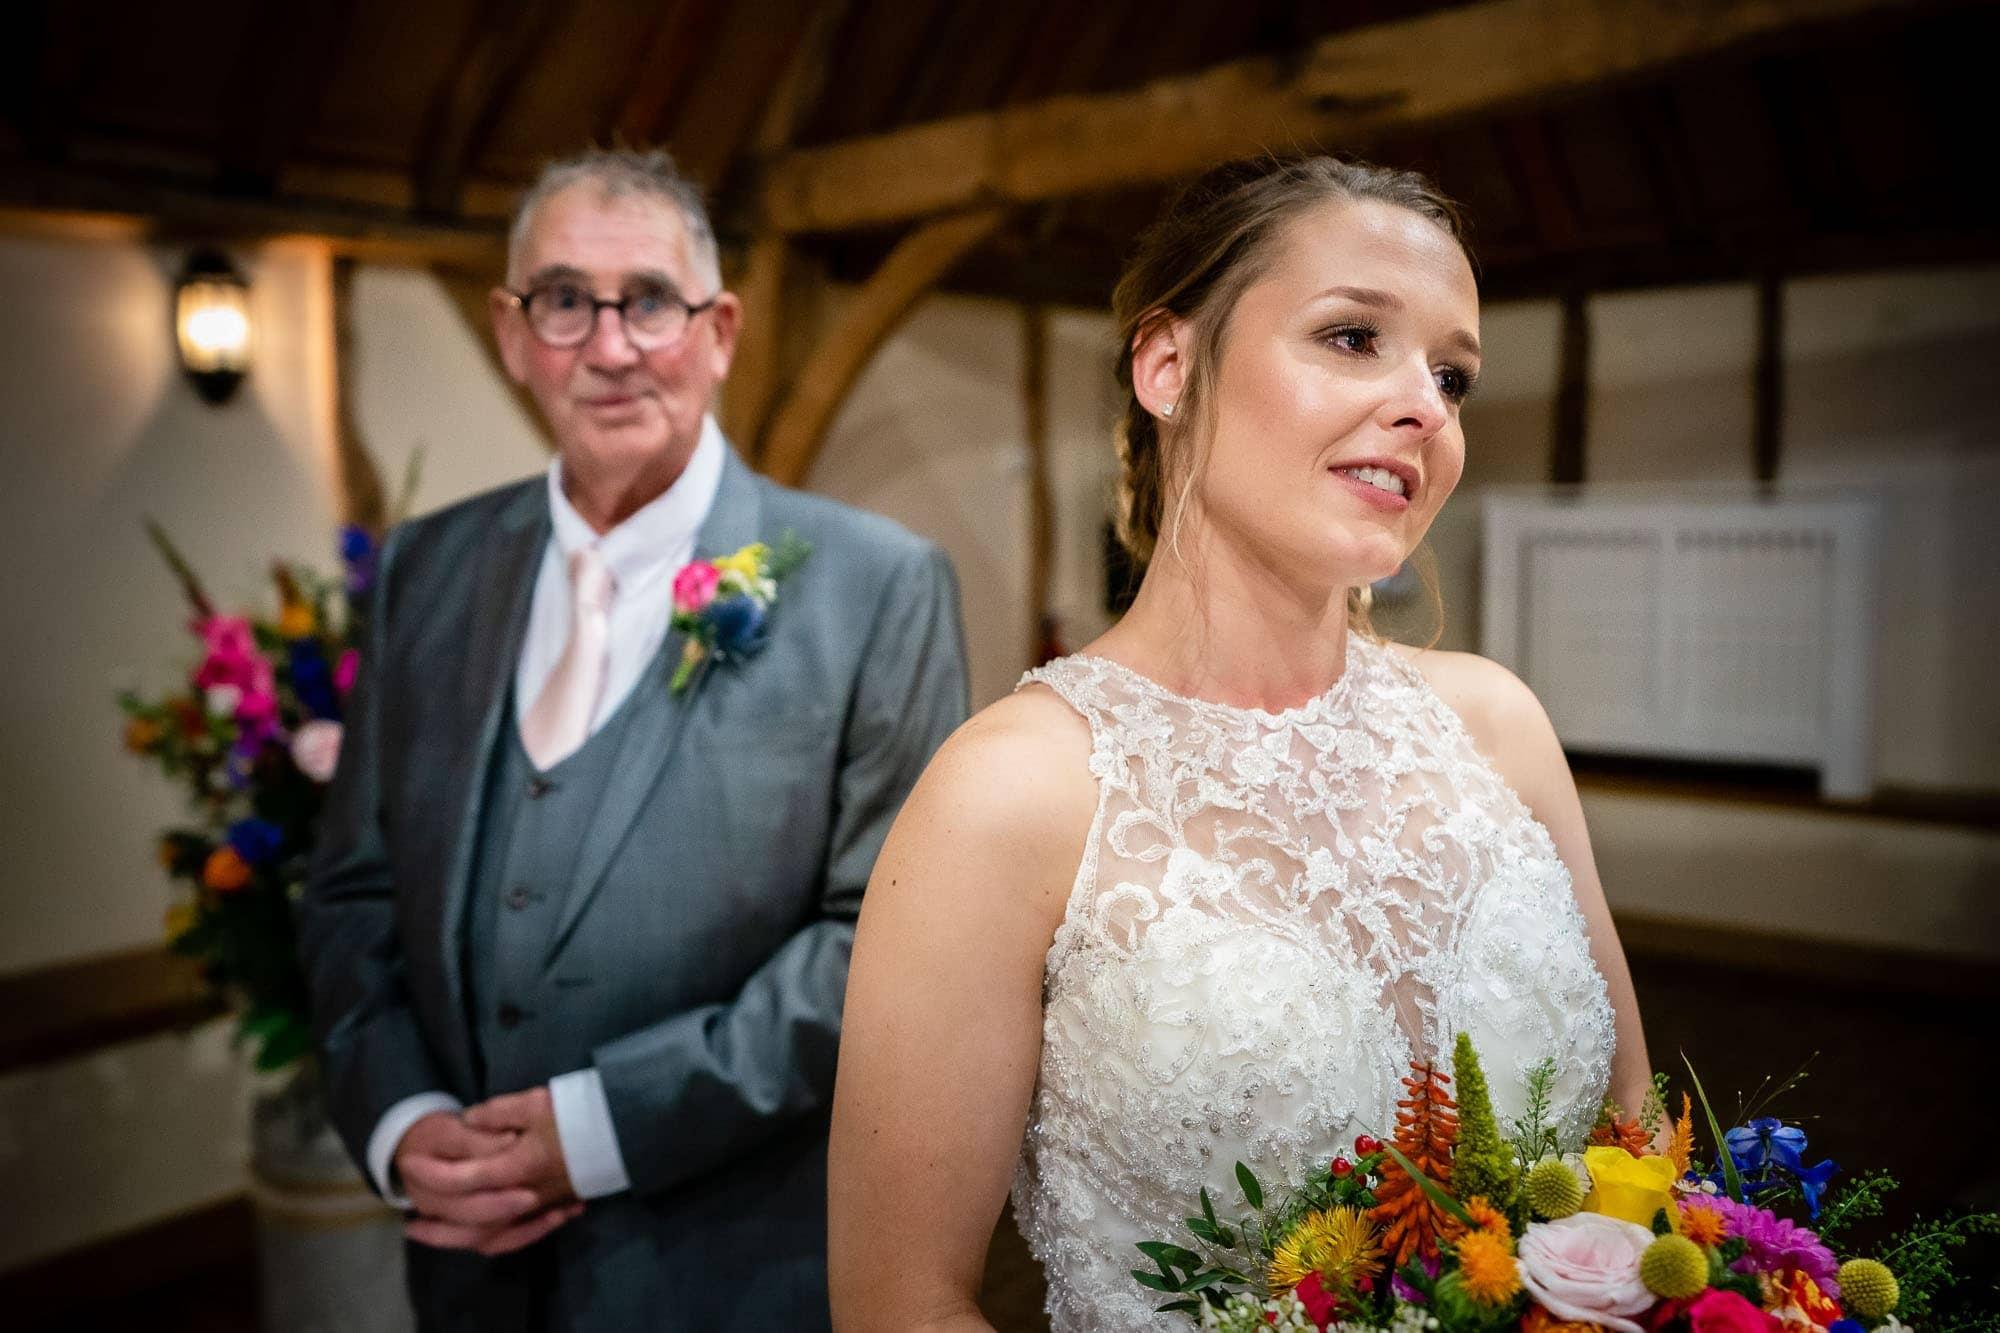 Norton Park Wedding Two Brides 41 9980